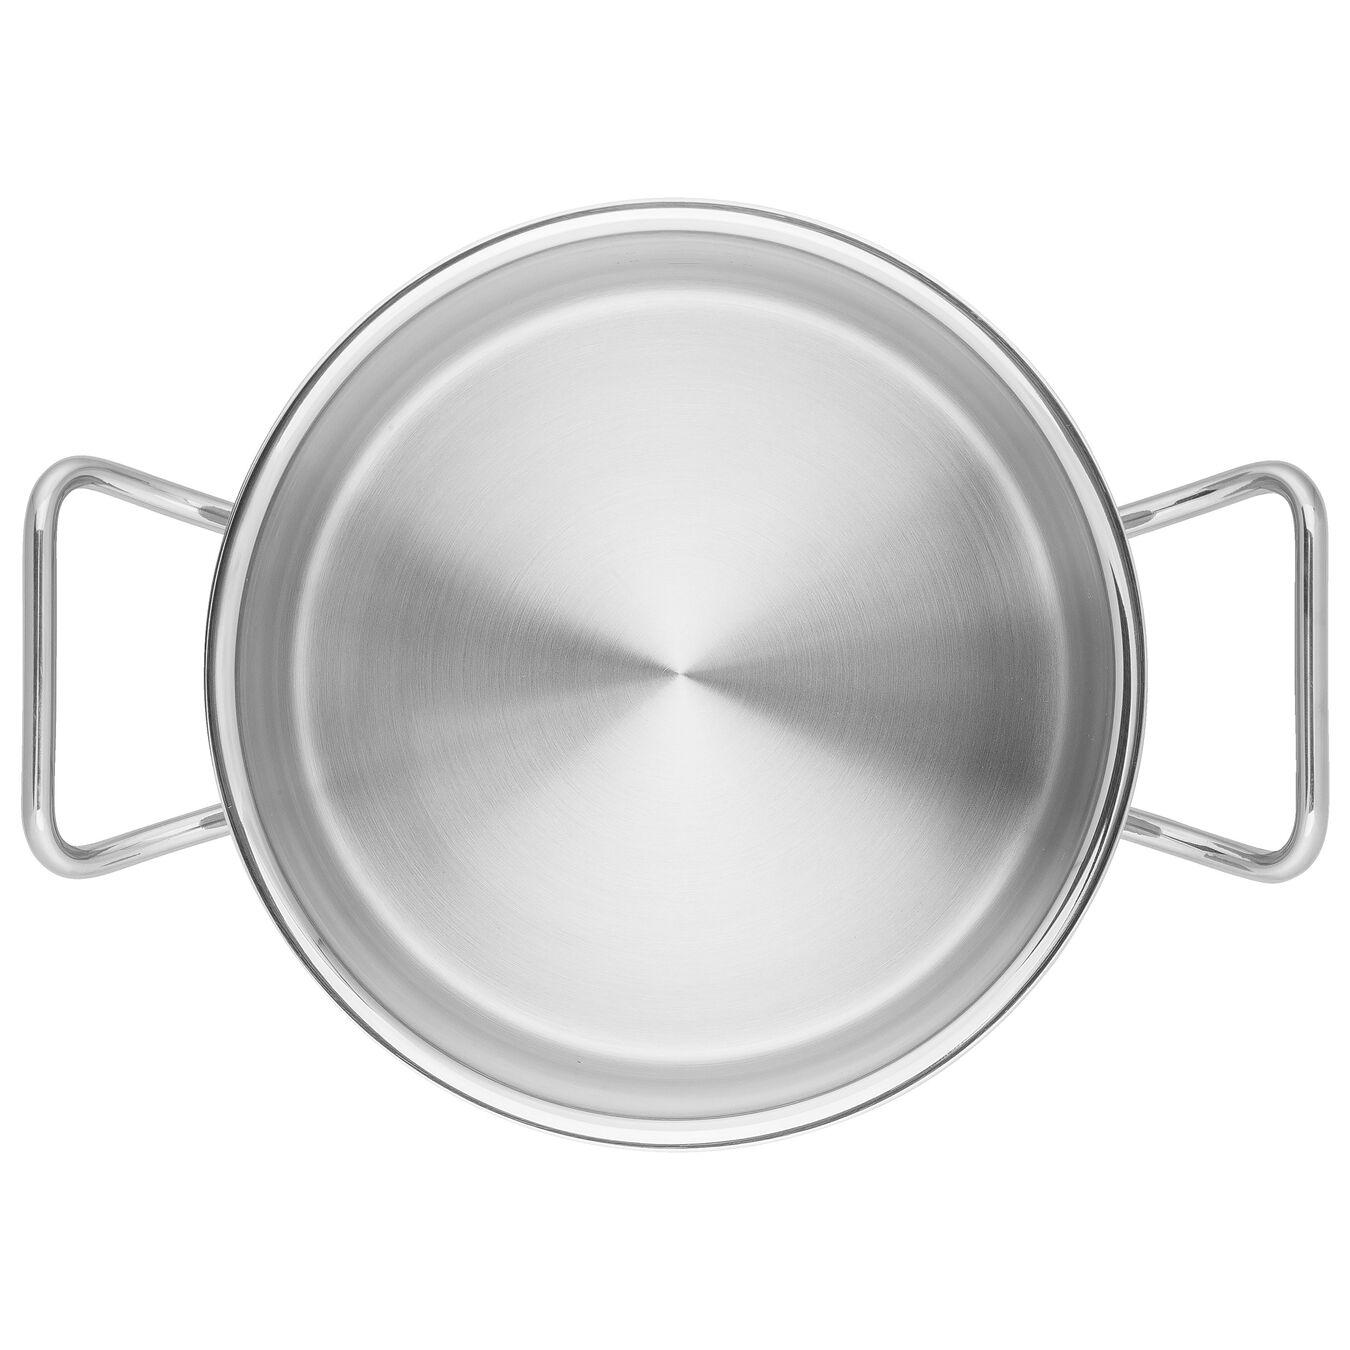 Pentola - 20 cm, acciaio,,large 7